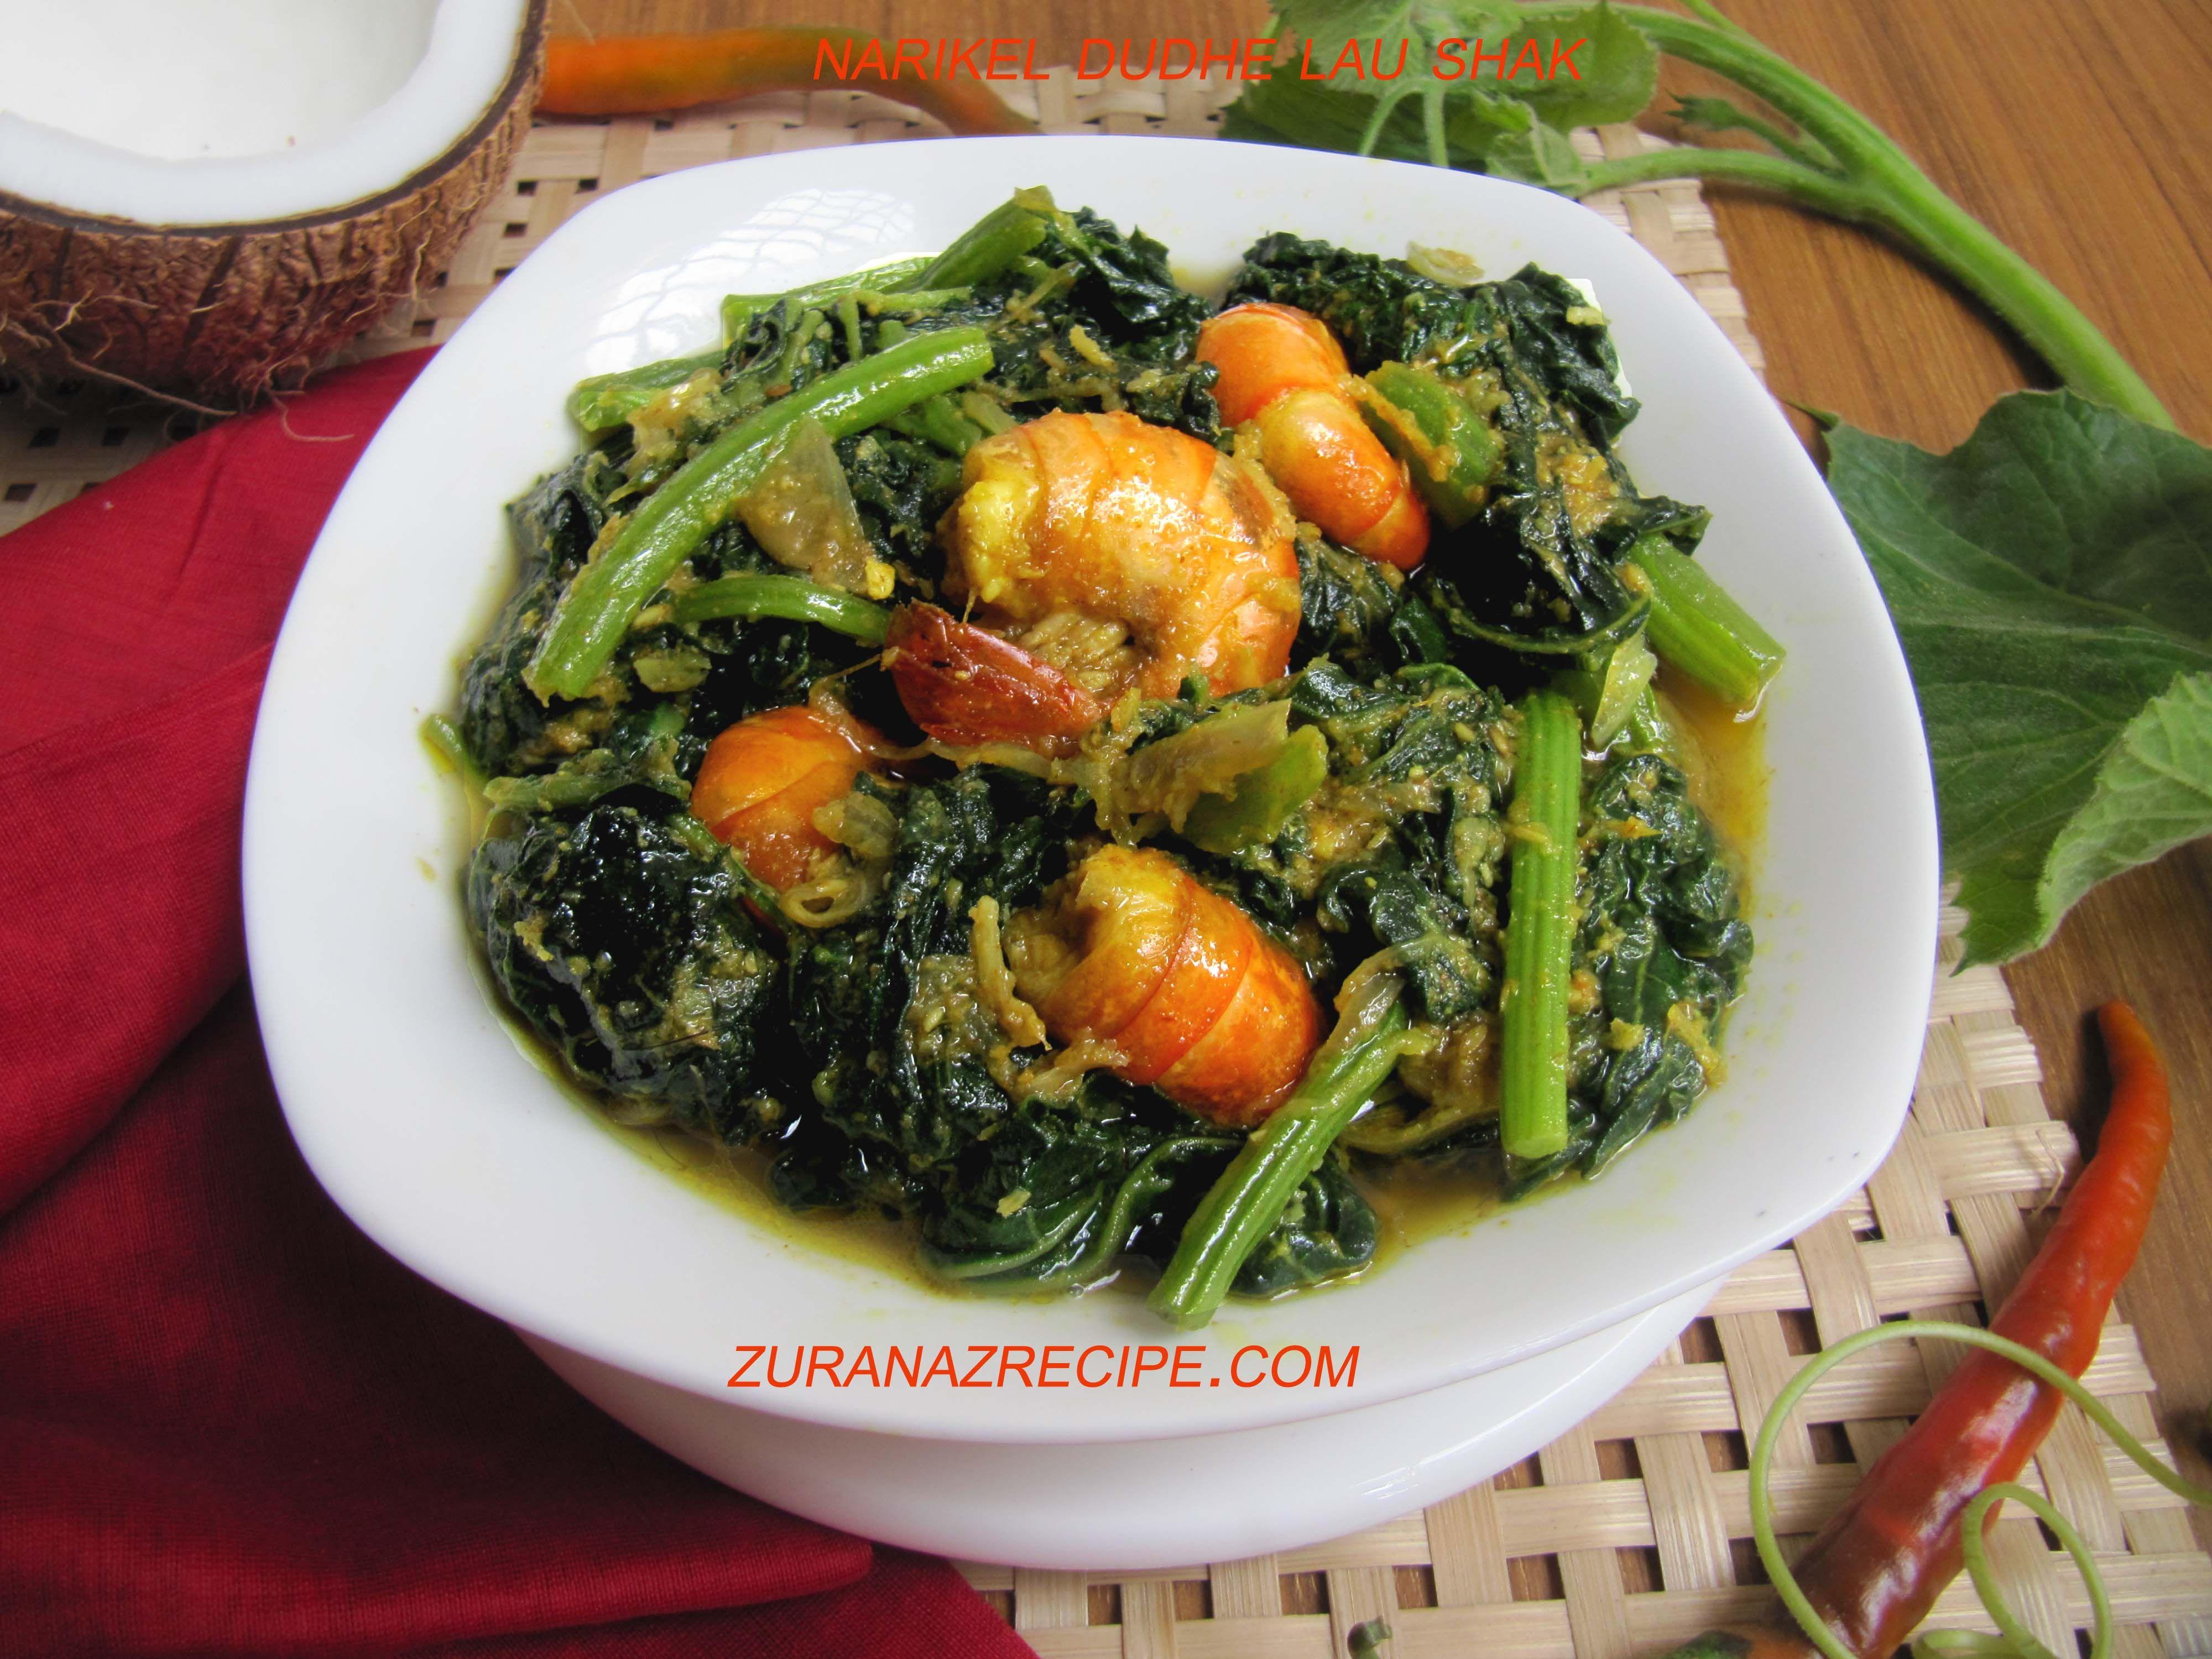 Narikeler dudhe laushaak chingri mach bangla bangladeshi narikeler dudhe laushaak chingri mach bangla bangladeshi bengali food recipes forumfinder Gallery